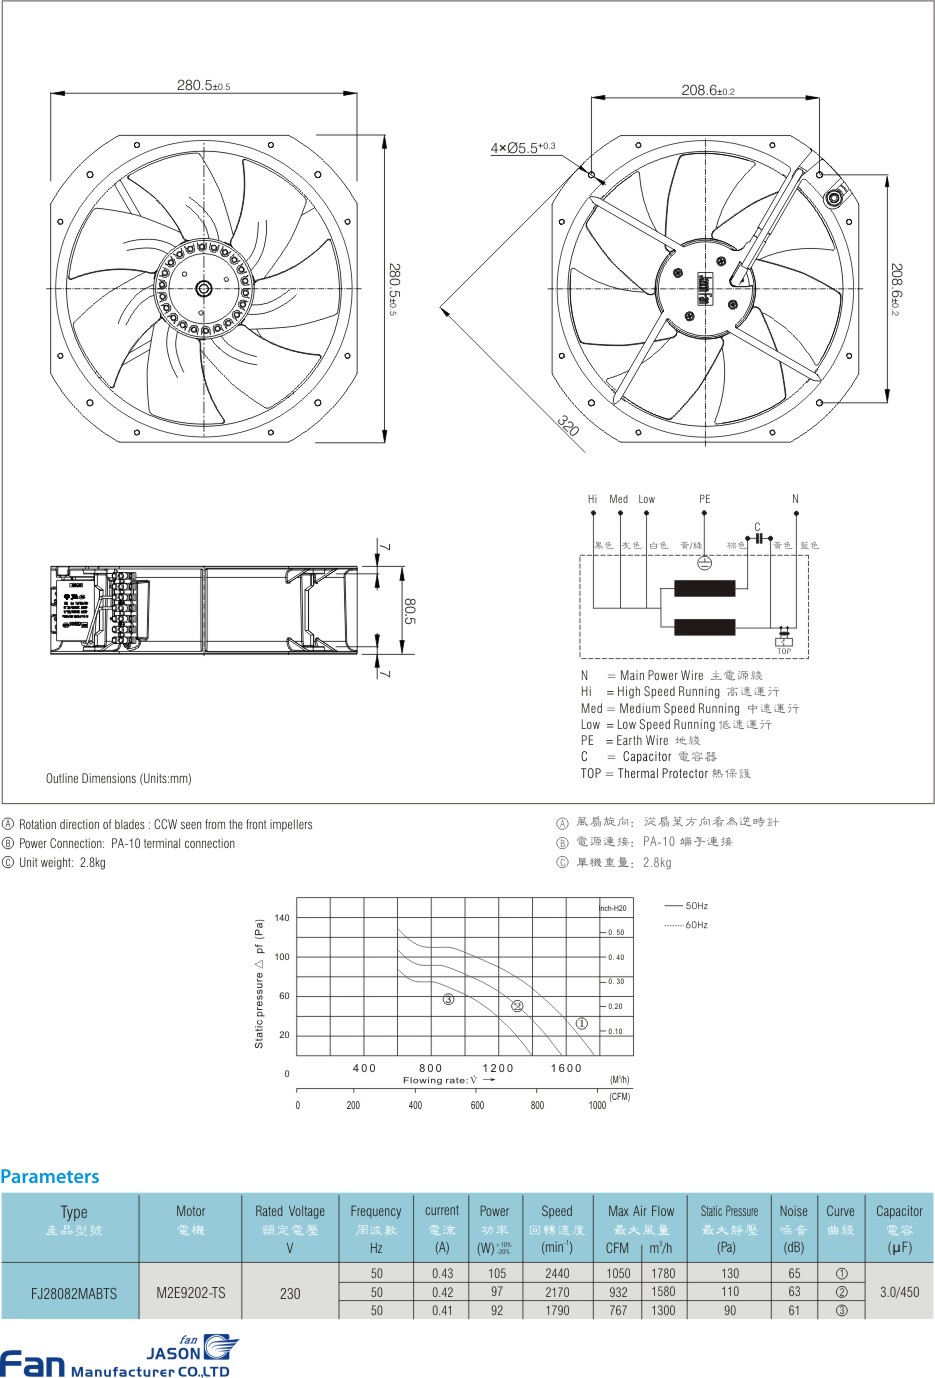 axial fan motor